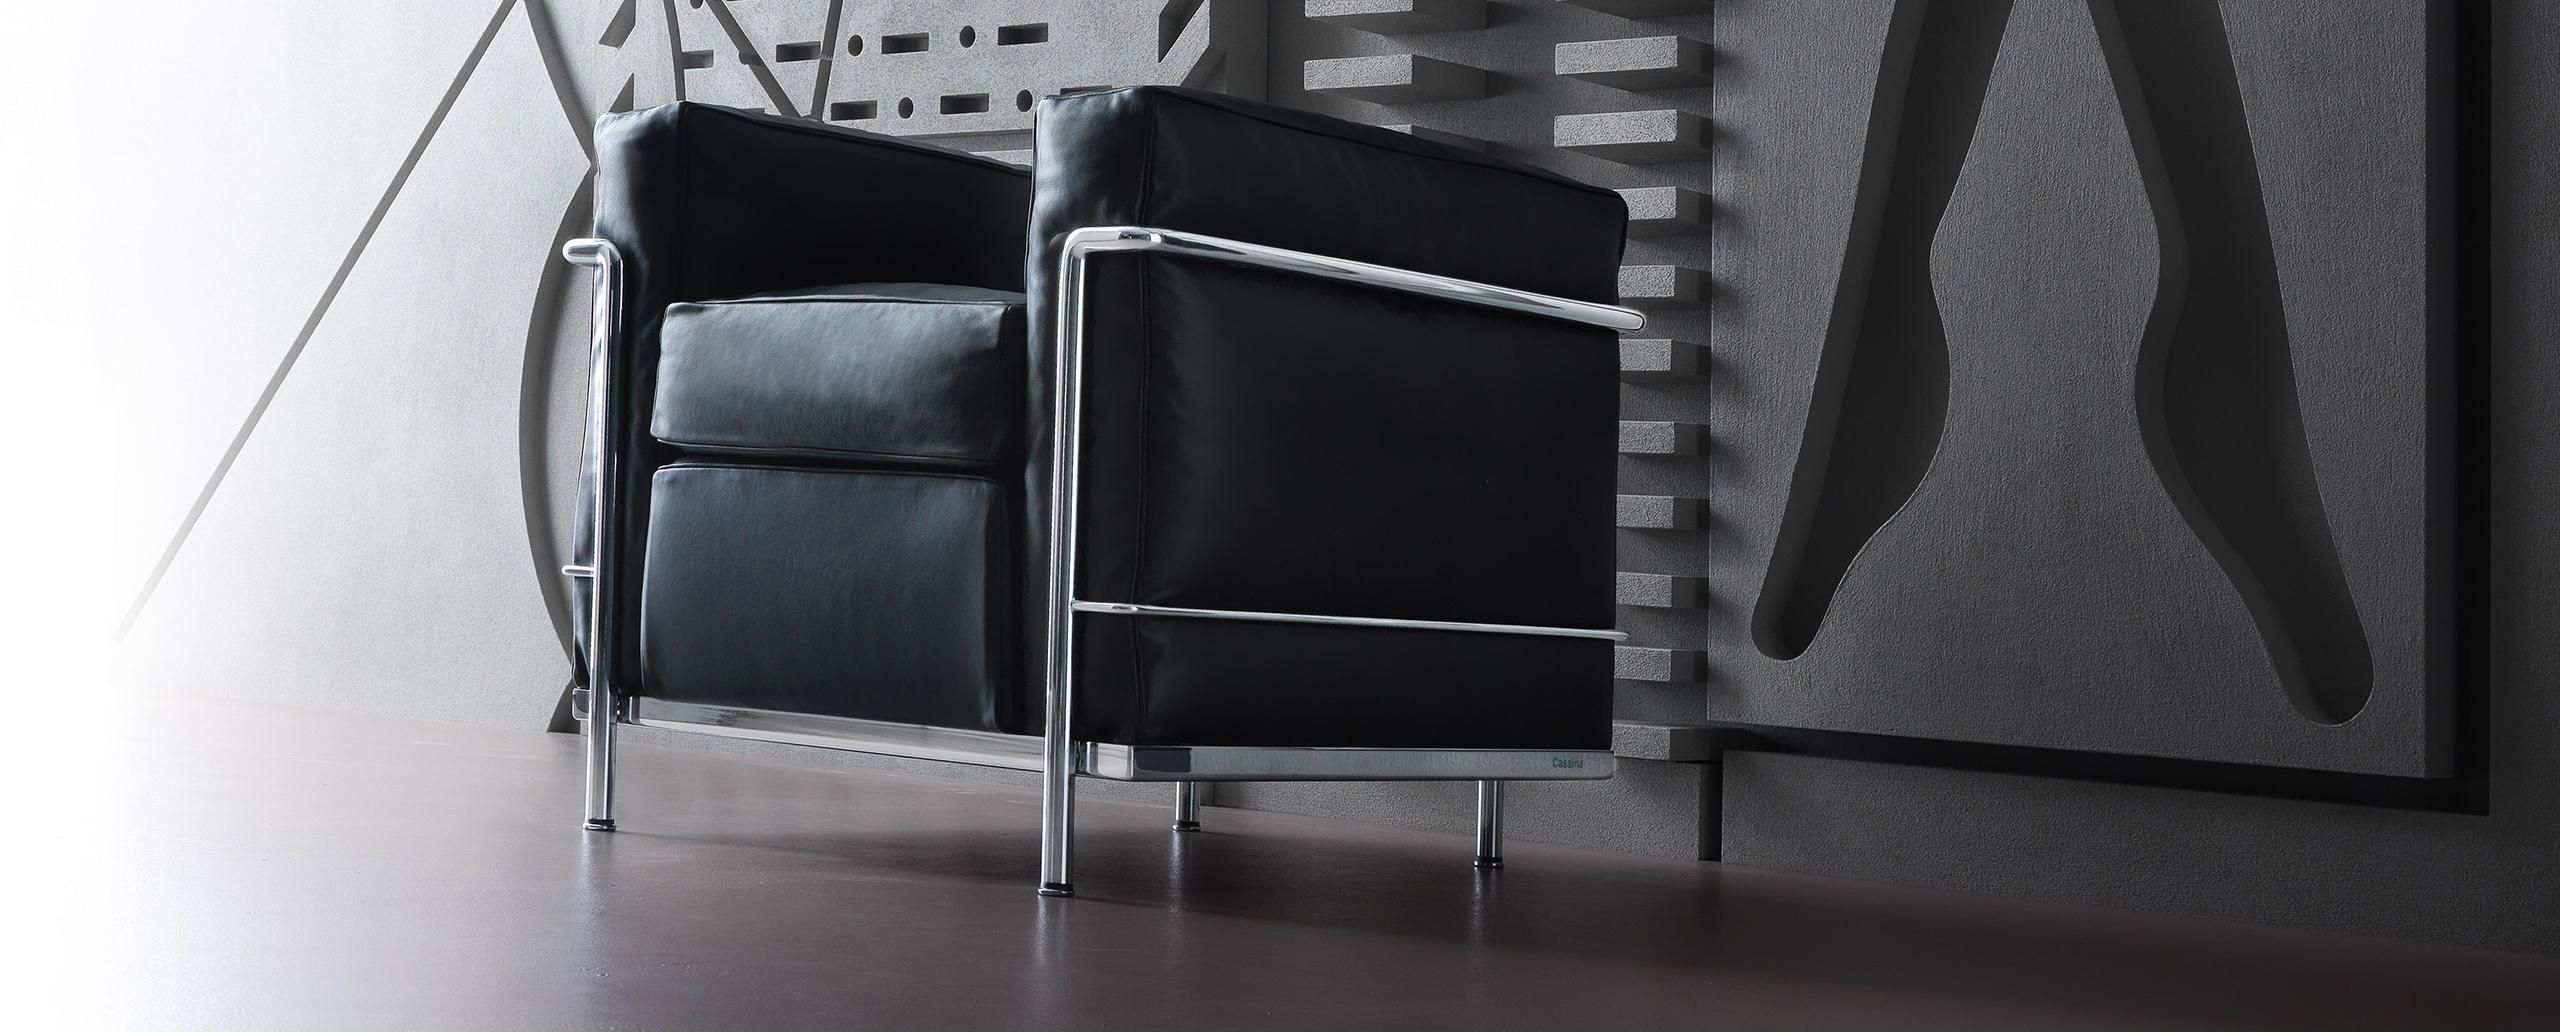 LC2 | Le Corbusier | Cassina | 1928 | «La casa è una macchina per abitare.»